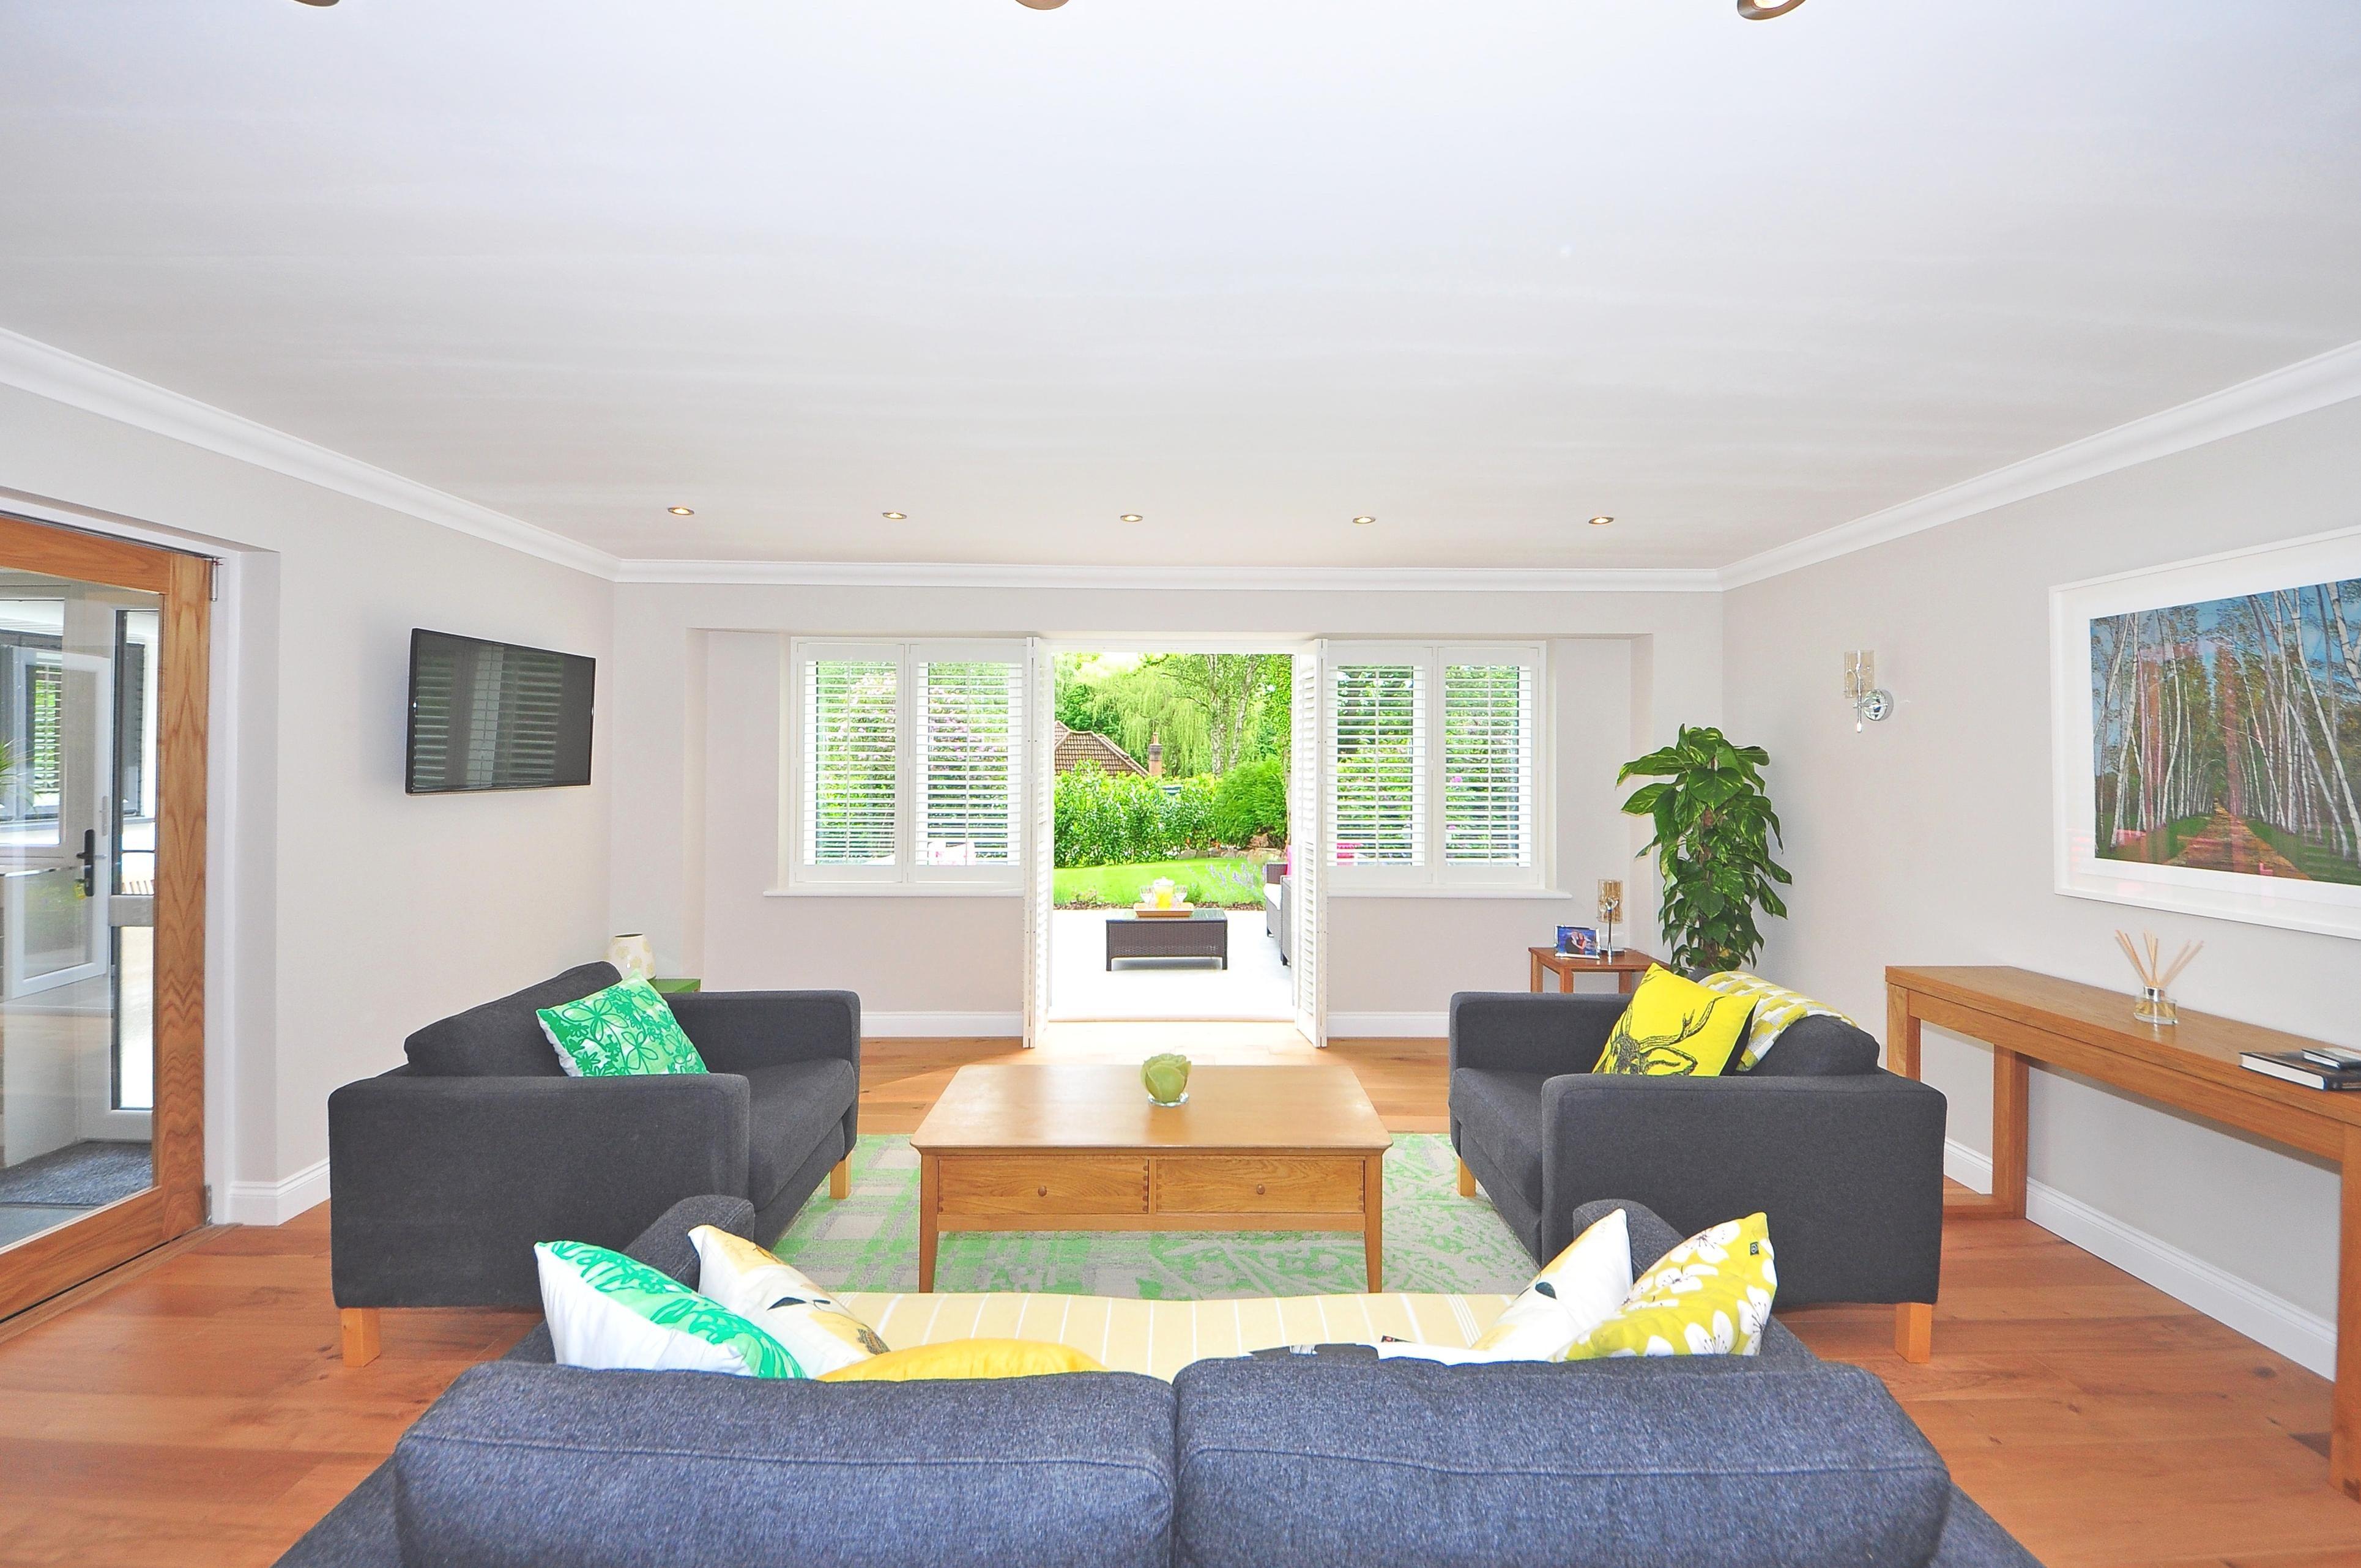 Kostenlose Bild: Möbel, Raum, Hause, Innenräumen, Haus, Tisch ...